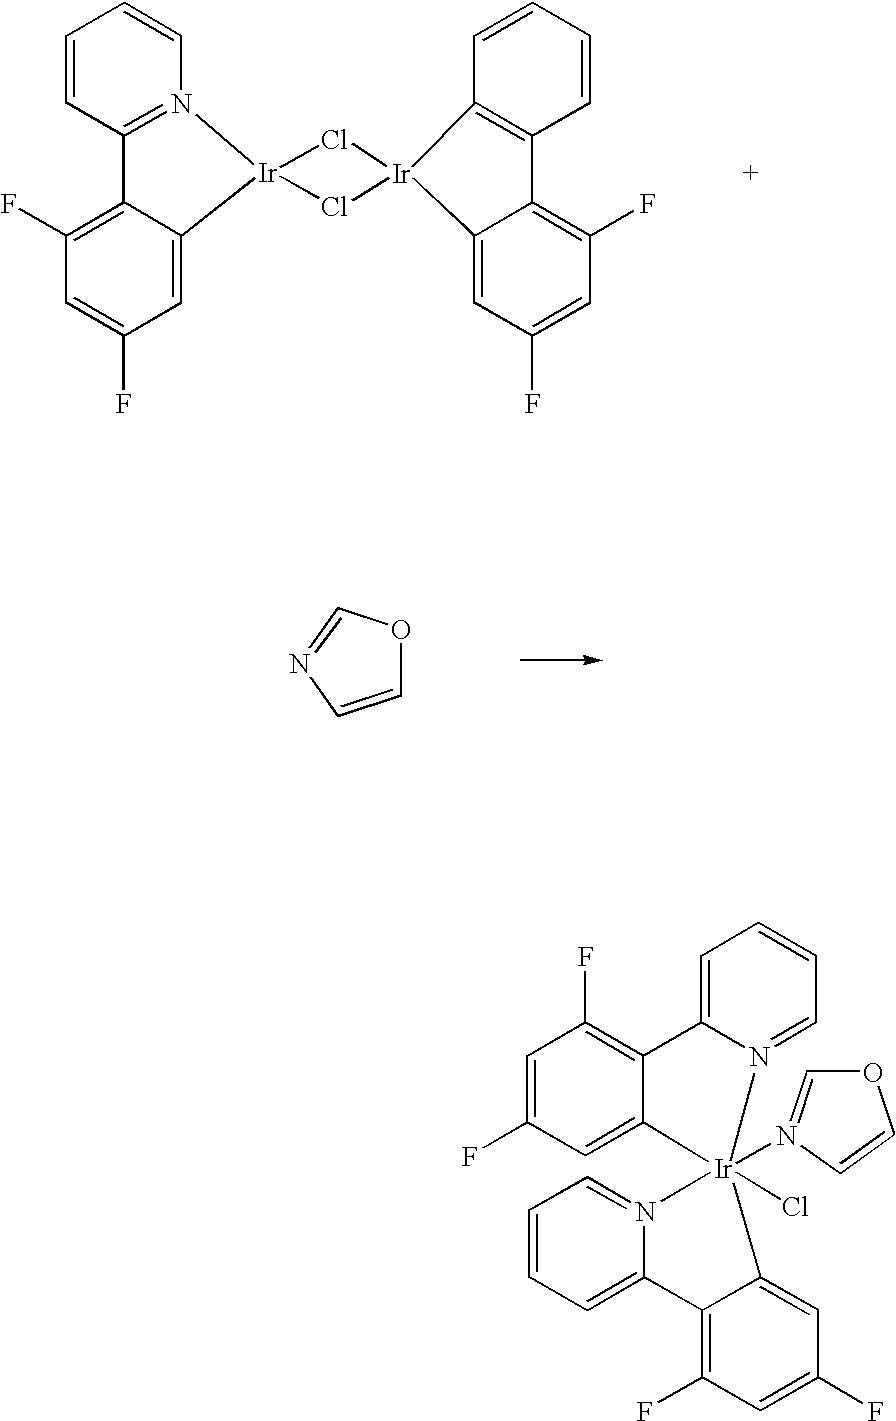 Figure US20050112406A1-20050526-C00019